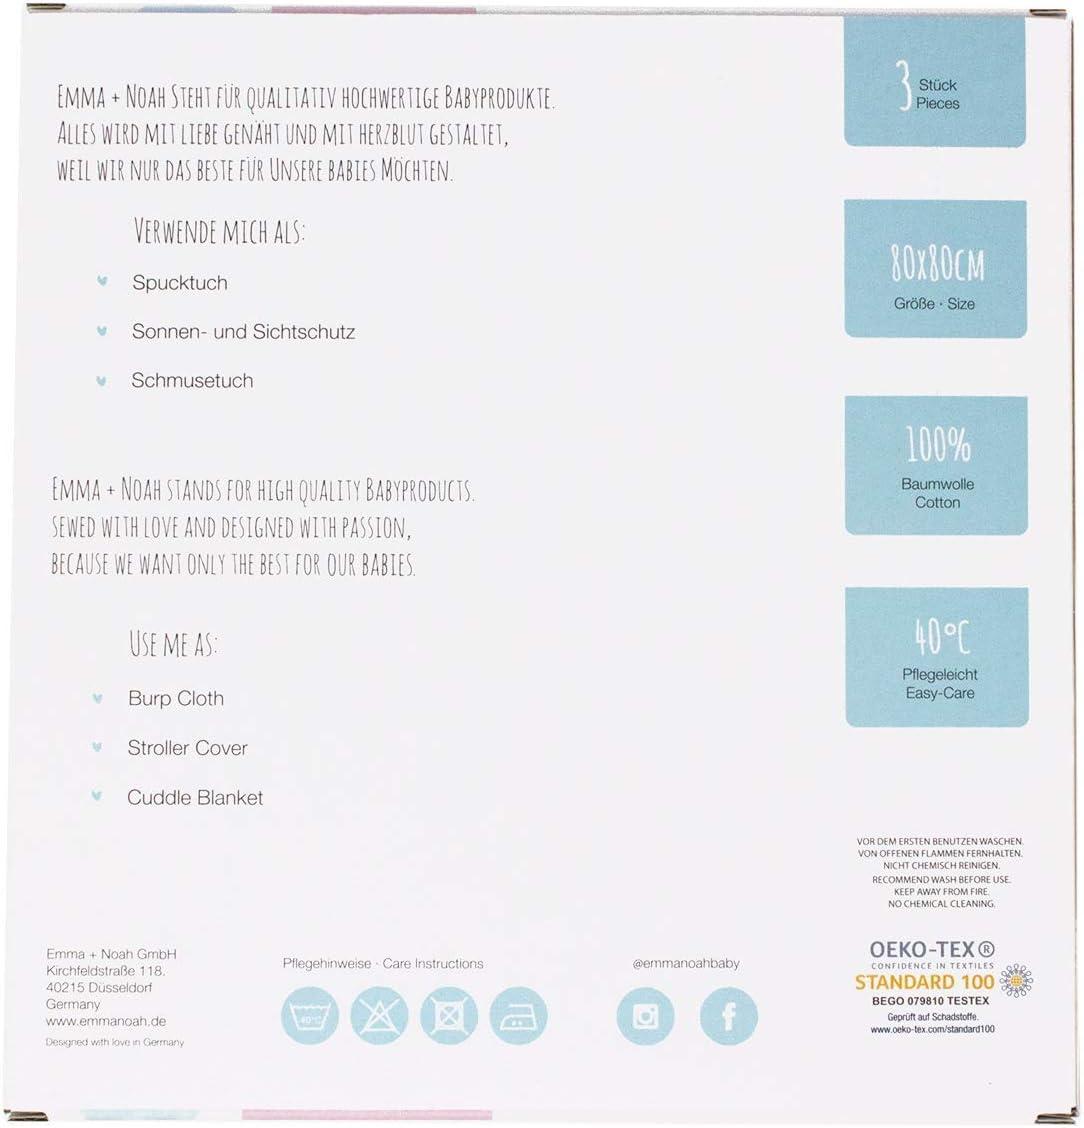 doudou paquete de 3 pa/ños de mulet/ón Muselinas para beb/és de emma /& noah con OEKO-TEX pa/ños de muselina suaves para beb/é,ideal como pa/ñales de tela 100/% algod/ón mantas de lactancia 80x80 cm